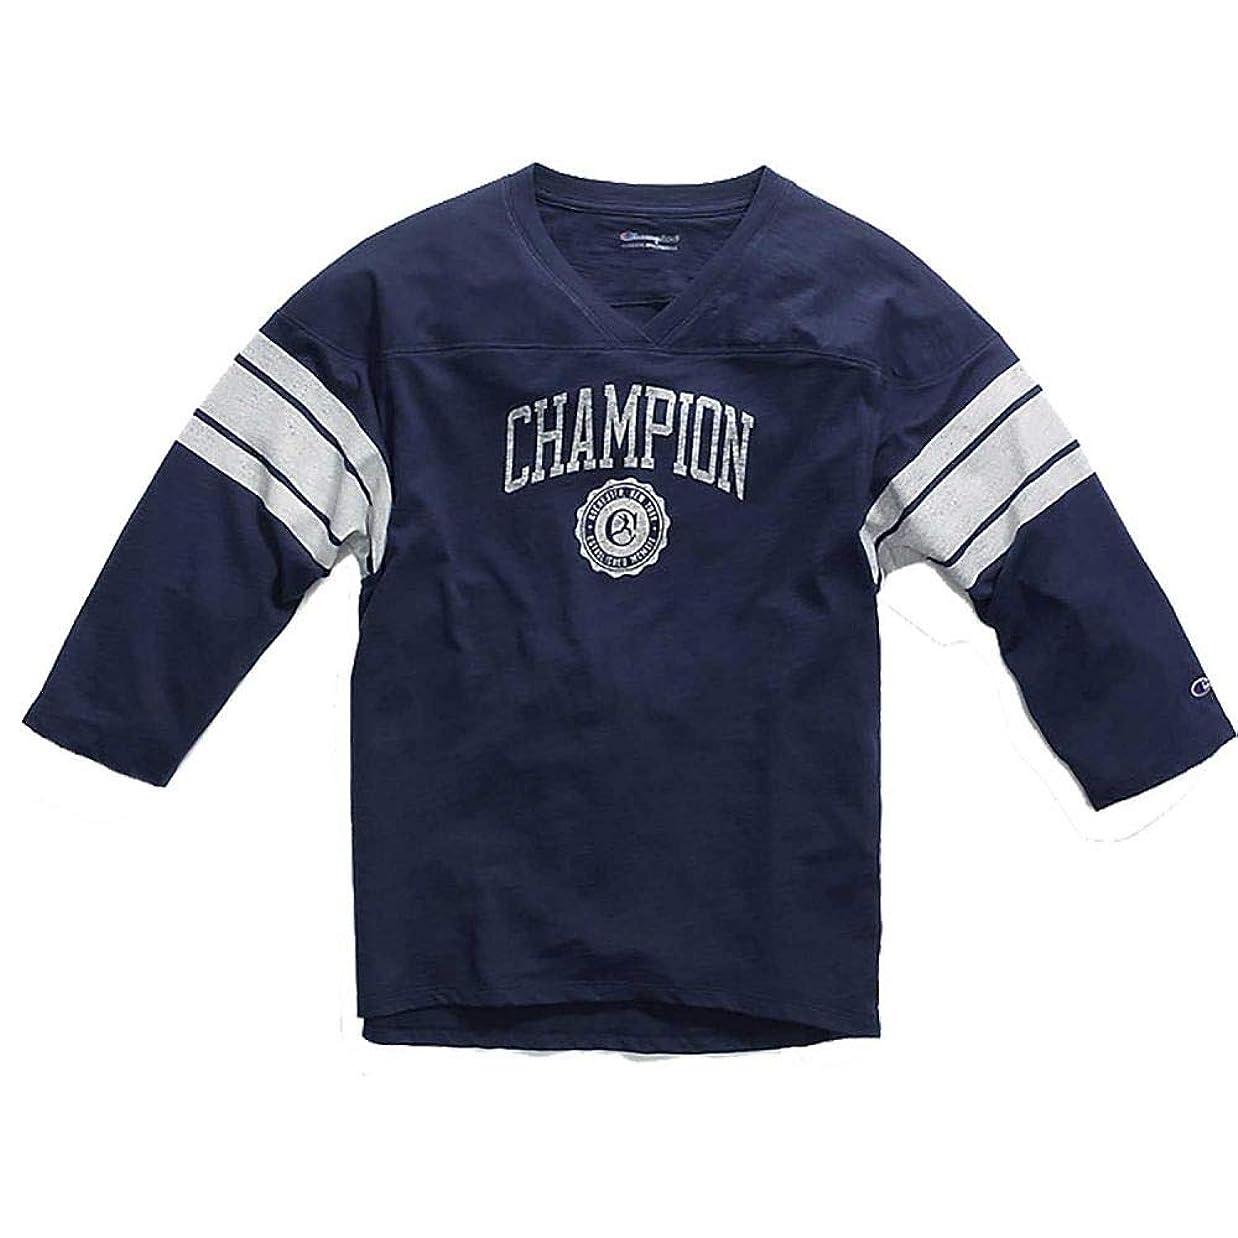 バンジョーブロック十一(チャンピオン) Champion レディース トップス 長袖Tシャツ Heritage Football 3/4 Length Sleeve Shirt [並行輸入品]